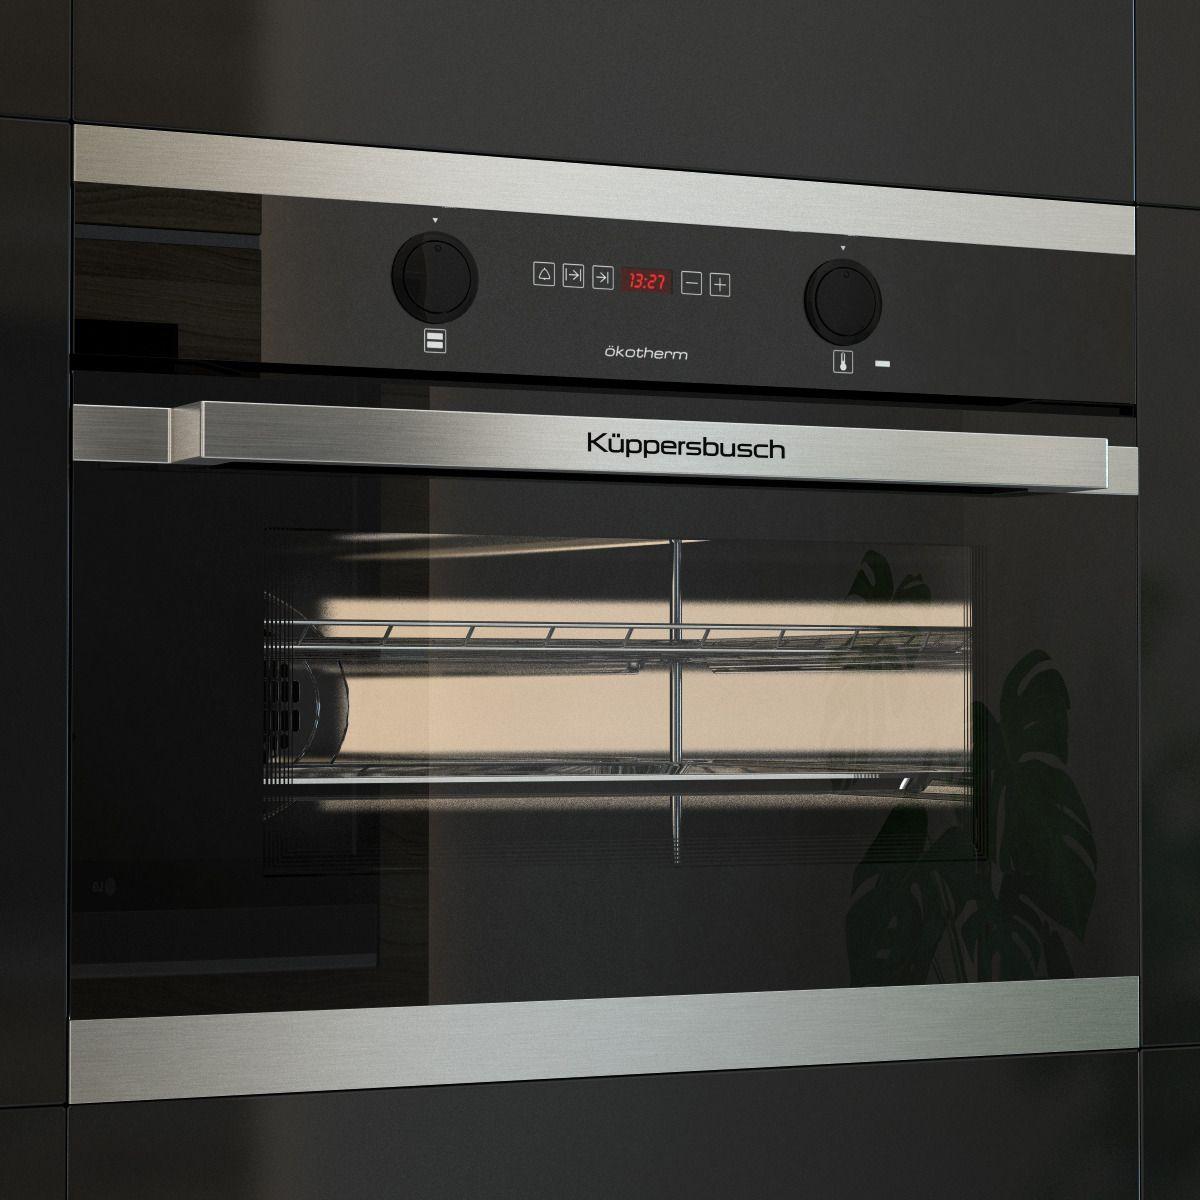 Kuppersbusch EEB6260 Compact Oven Black #Kuppersbusch